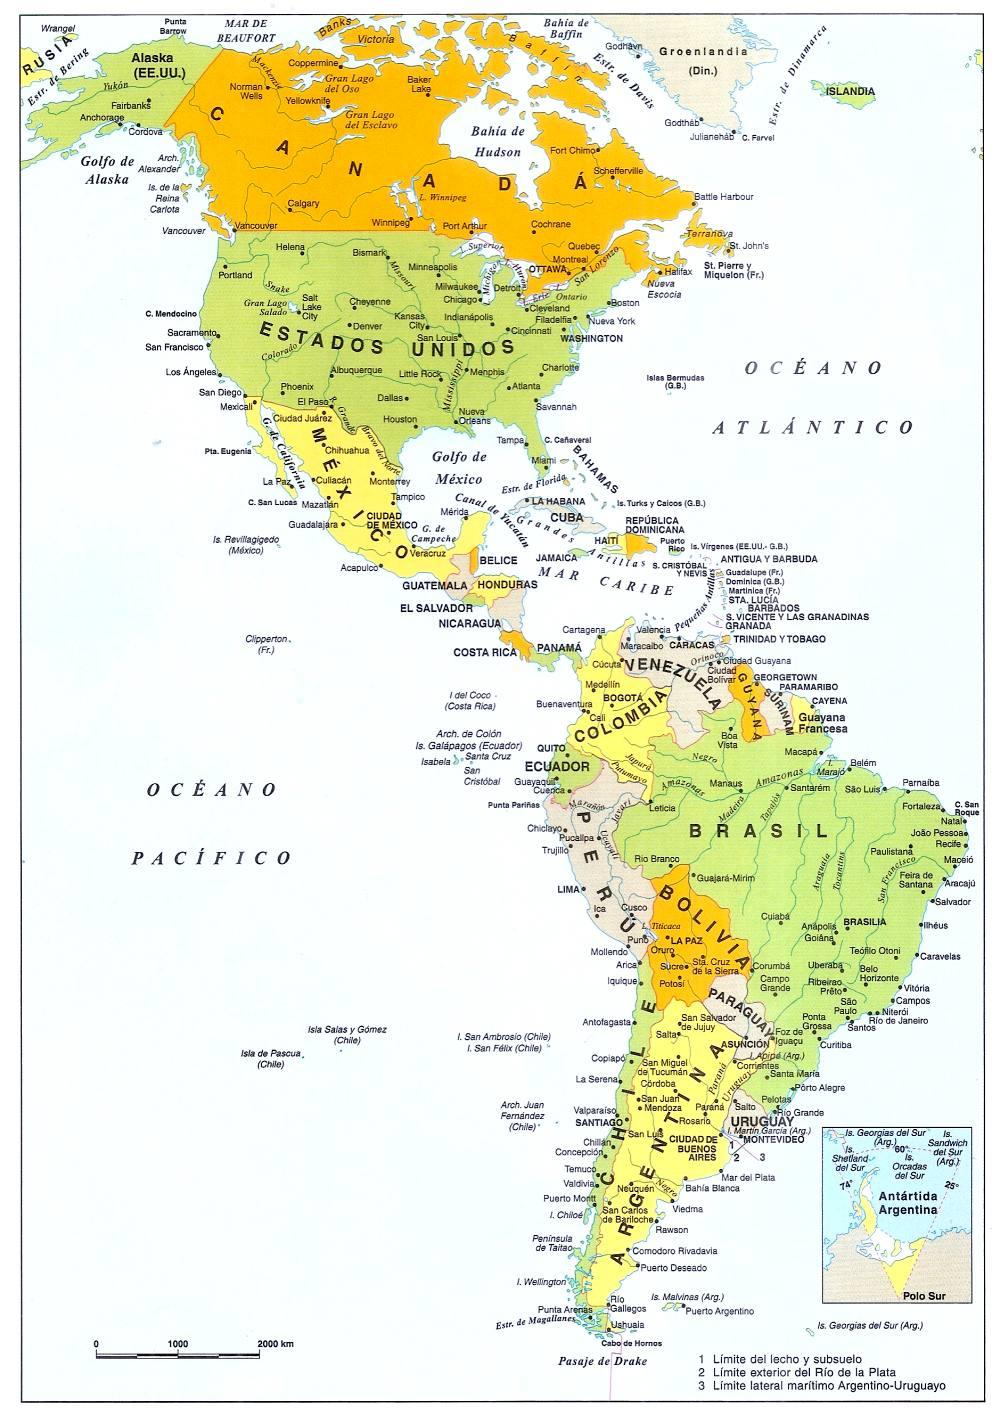 Banderas de los Paises de America Capitales, Lenguas y Población